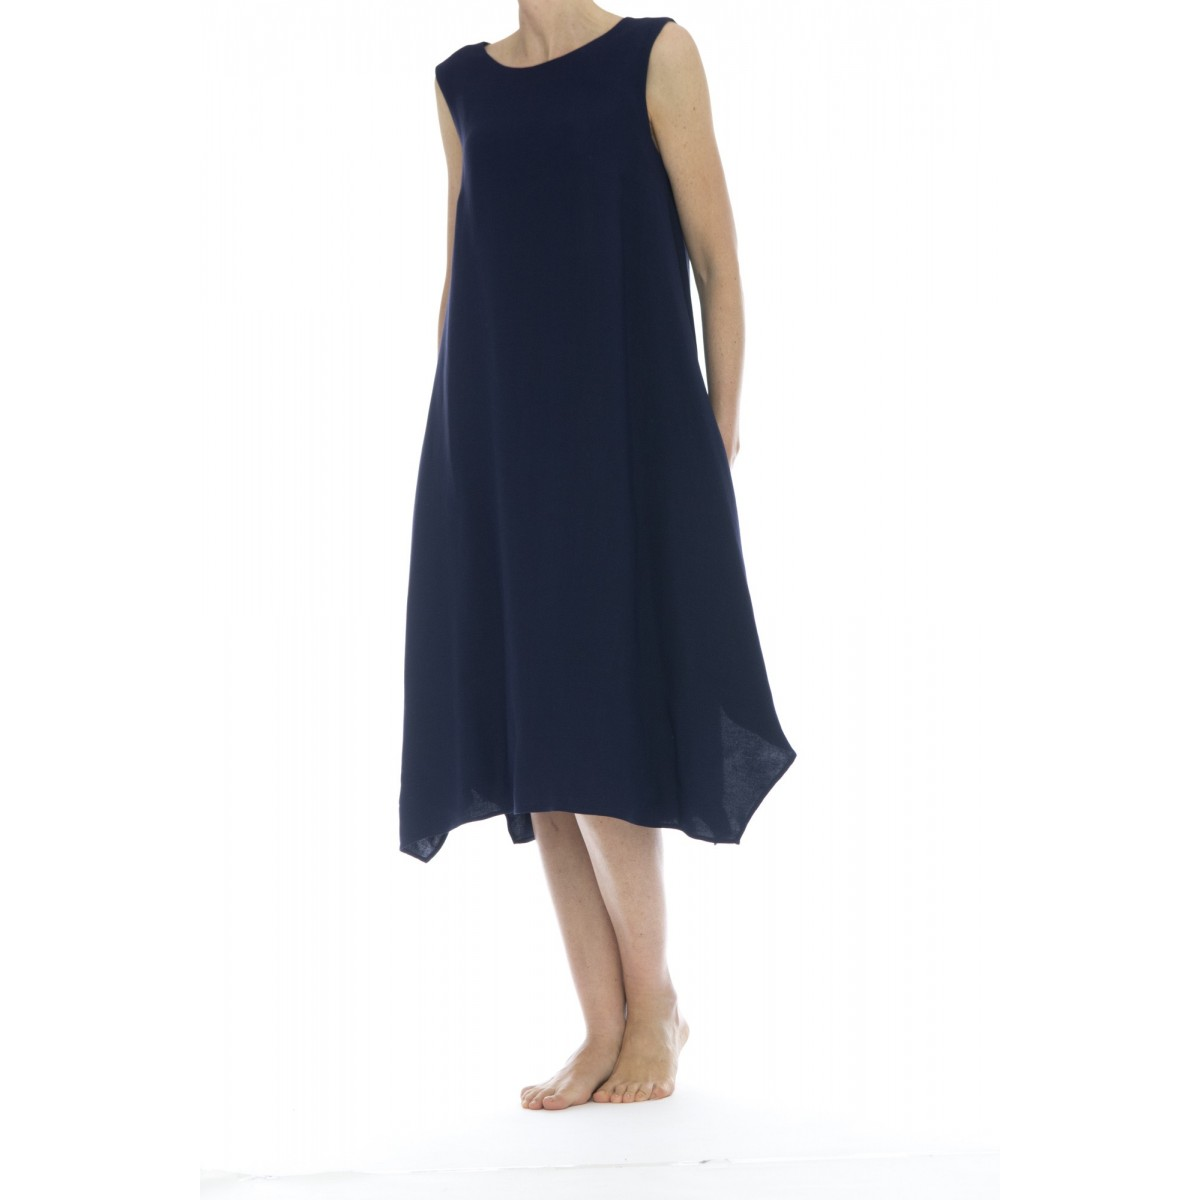 Vestito lungo donna - Rz6 zmn vestito lino viscosa